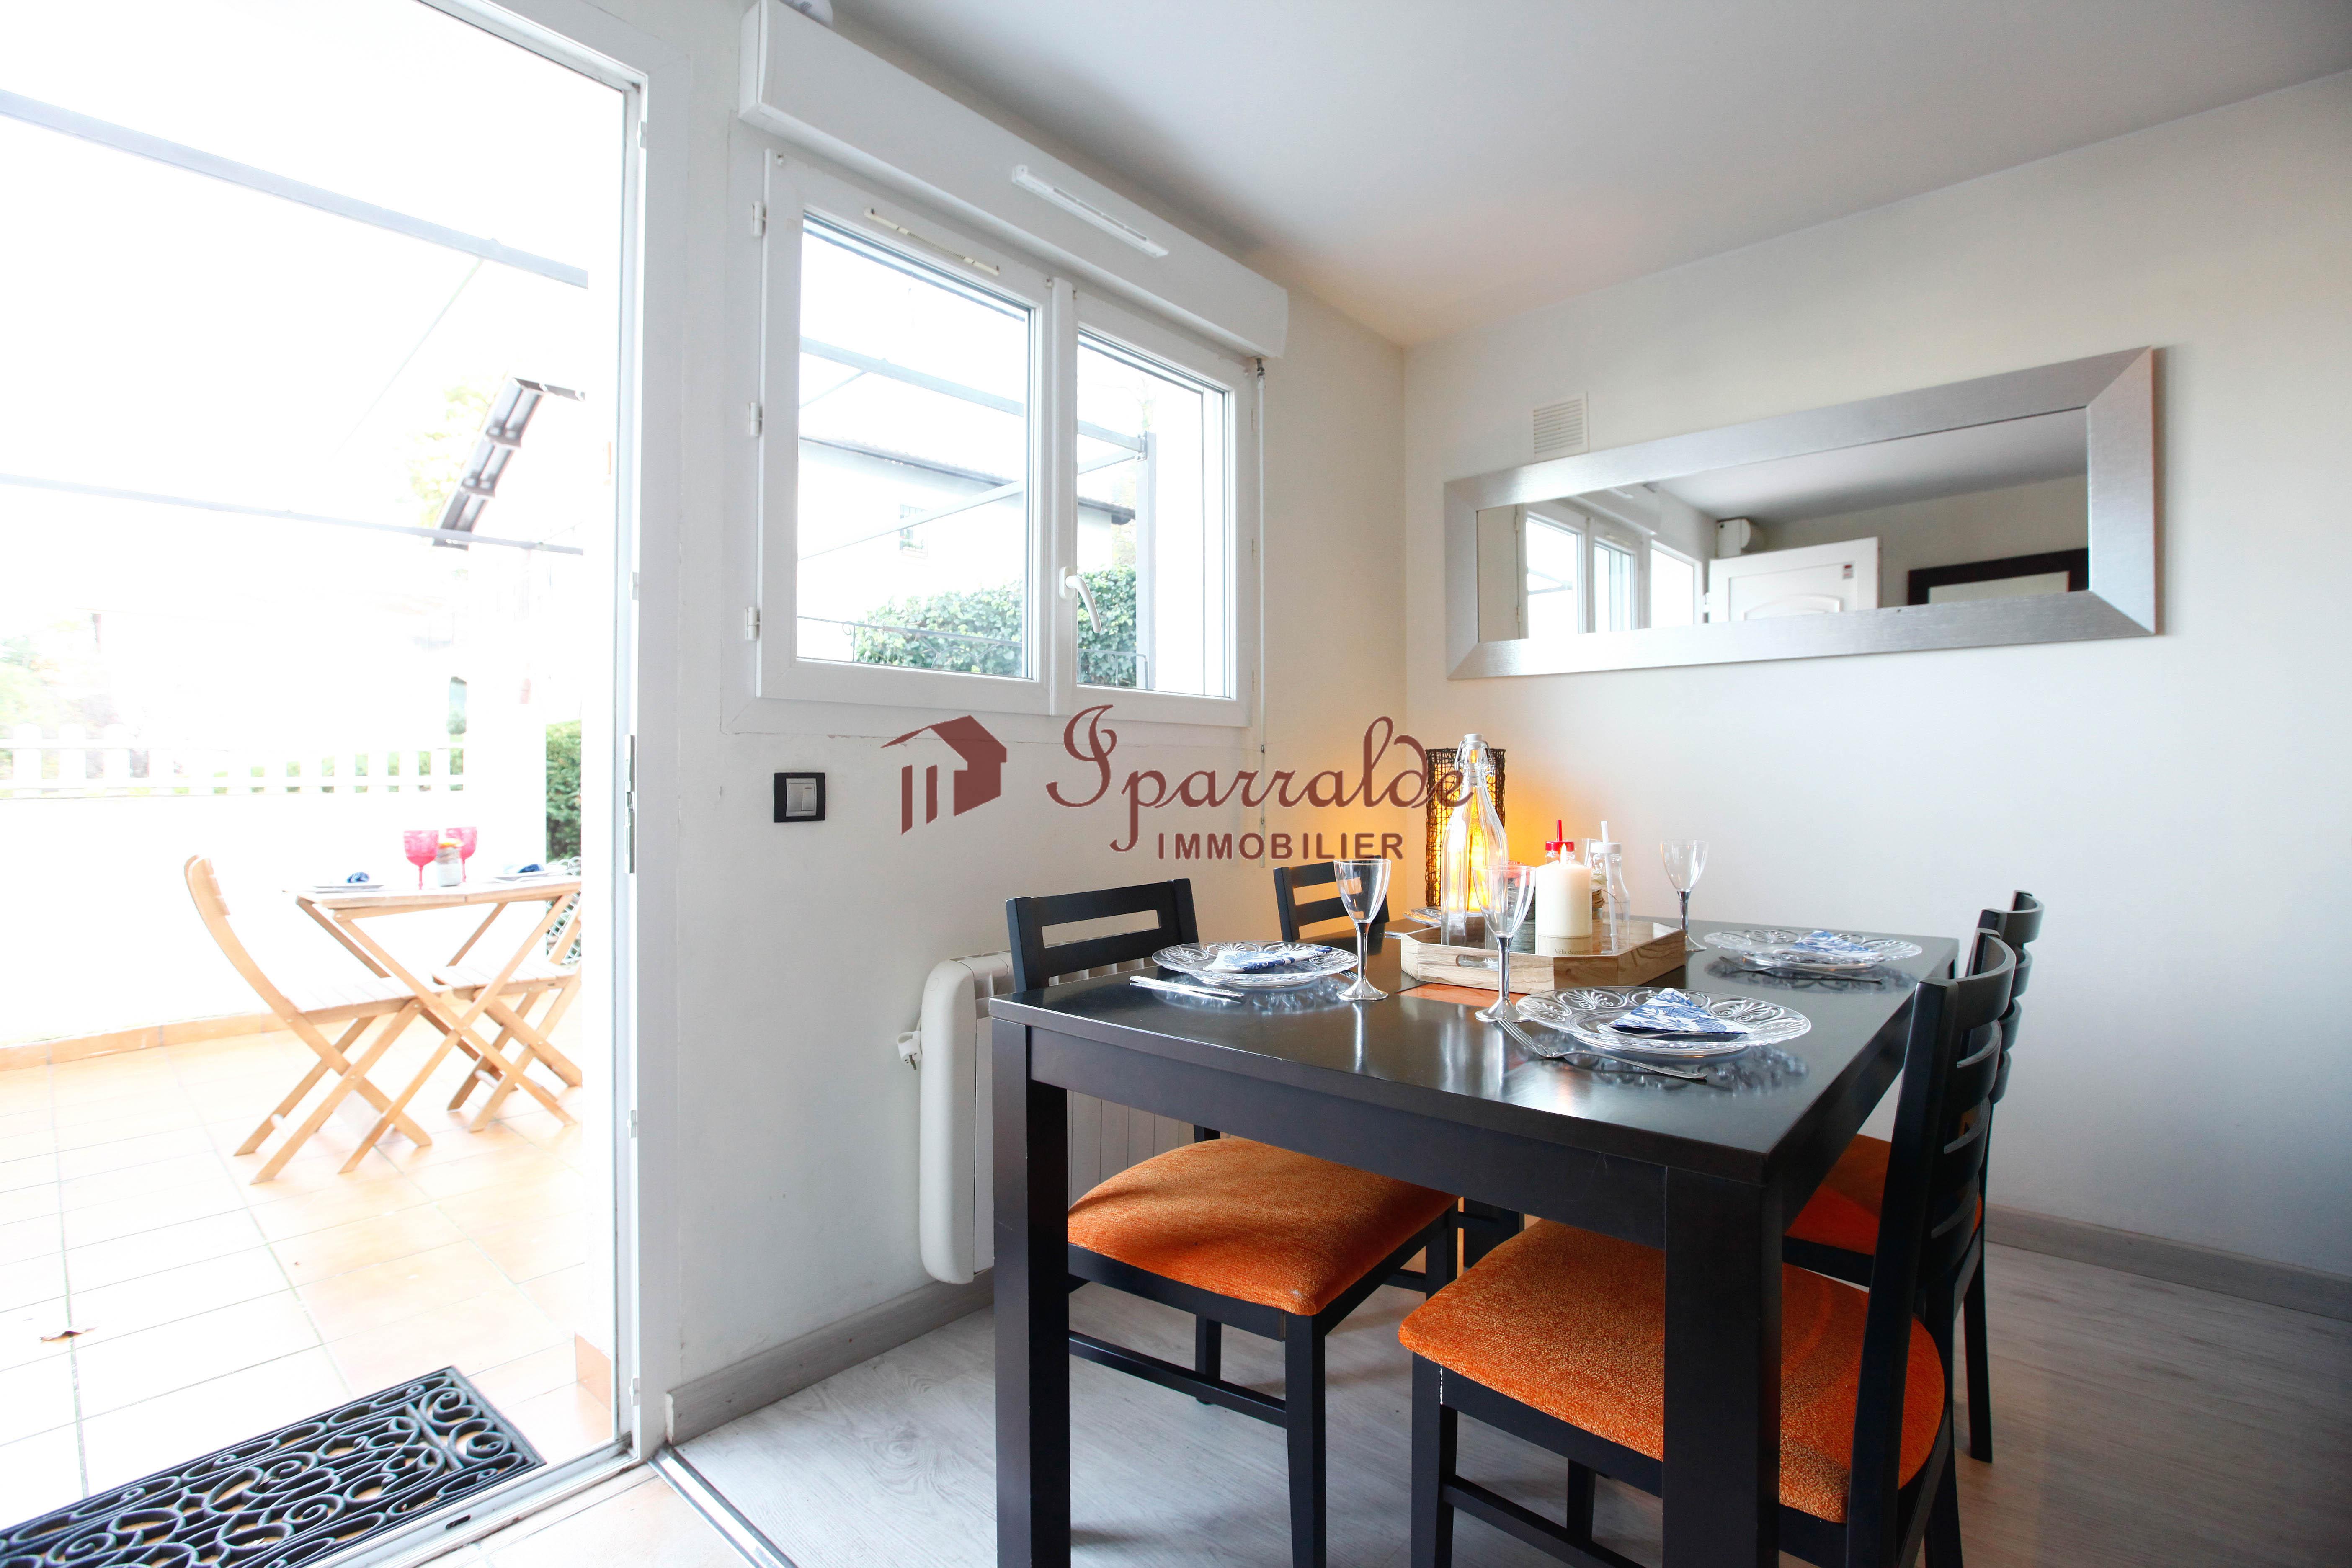 Piso de 1 habitación con terraza y vistas espectaculares!